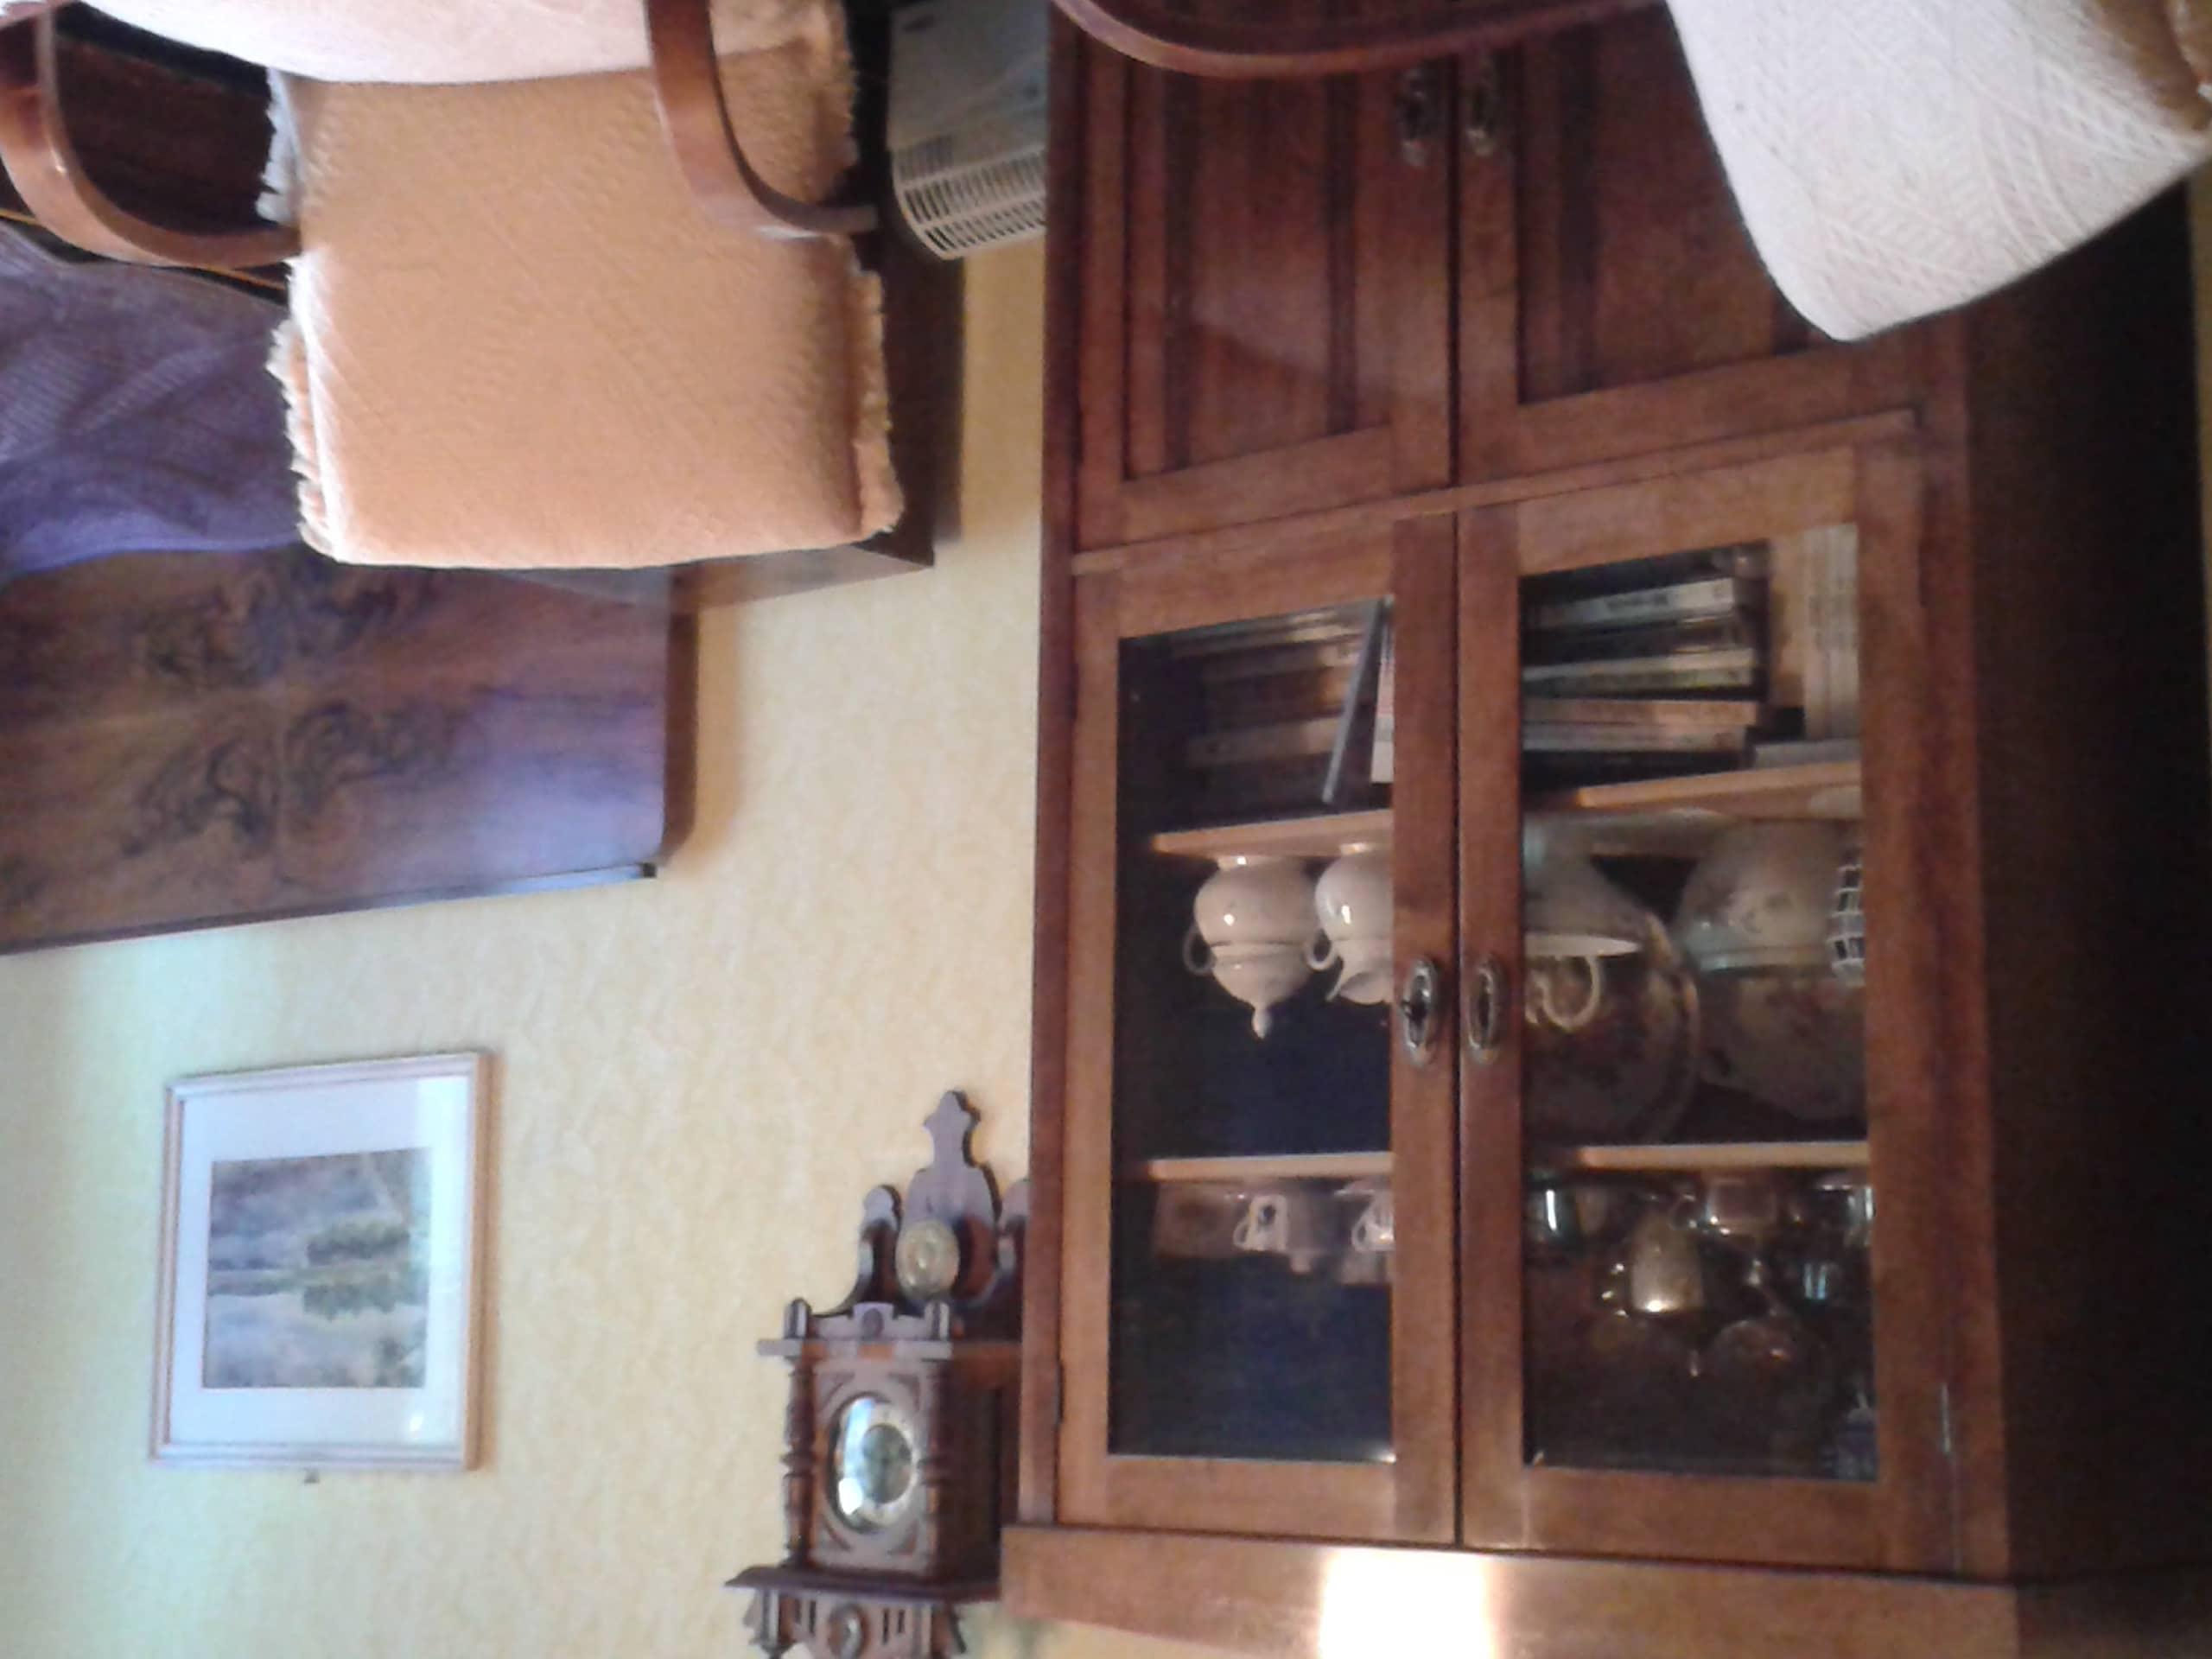 למכירה דירת 2 חדרים בשכונת ז'יז'קוב בפראג11 (13)